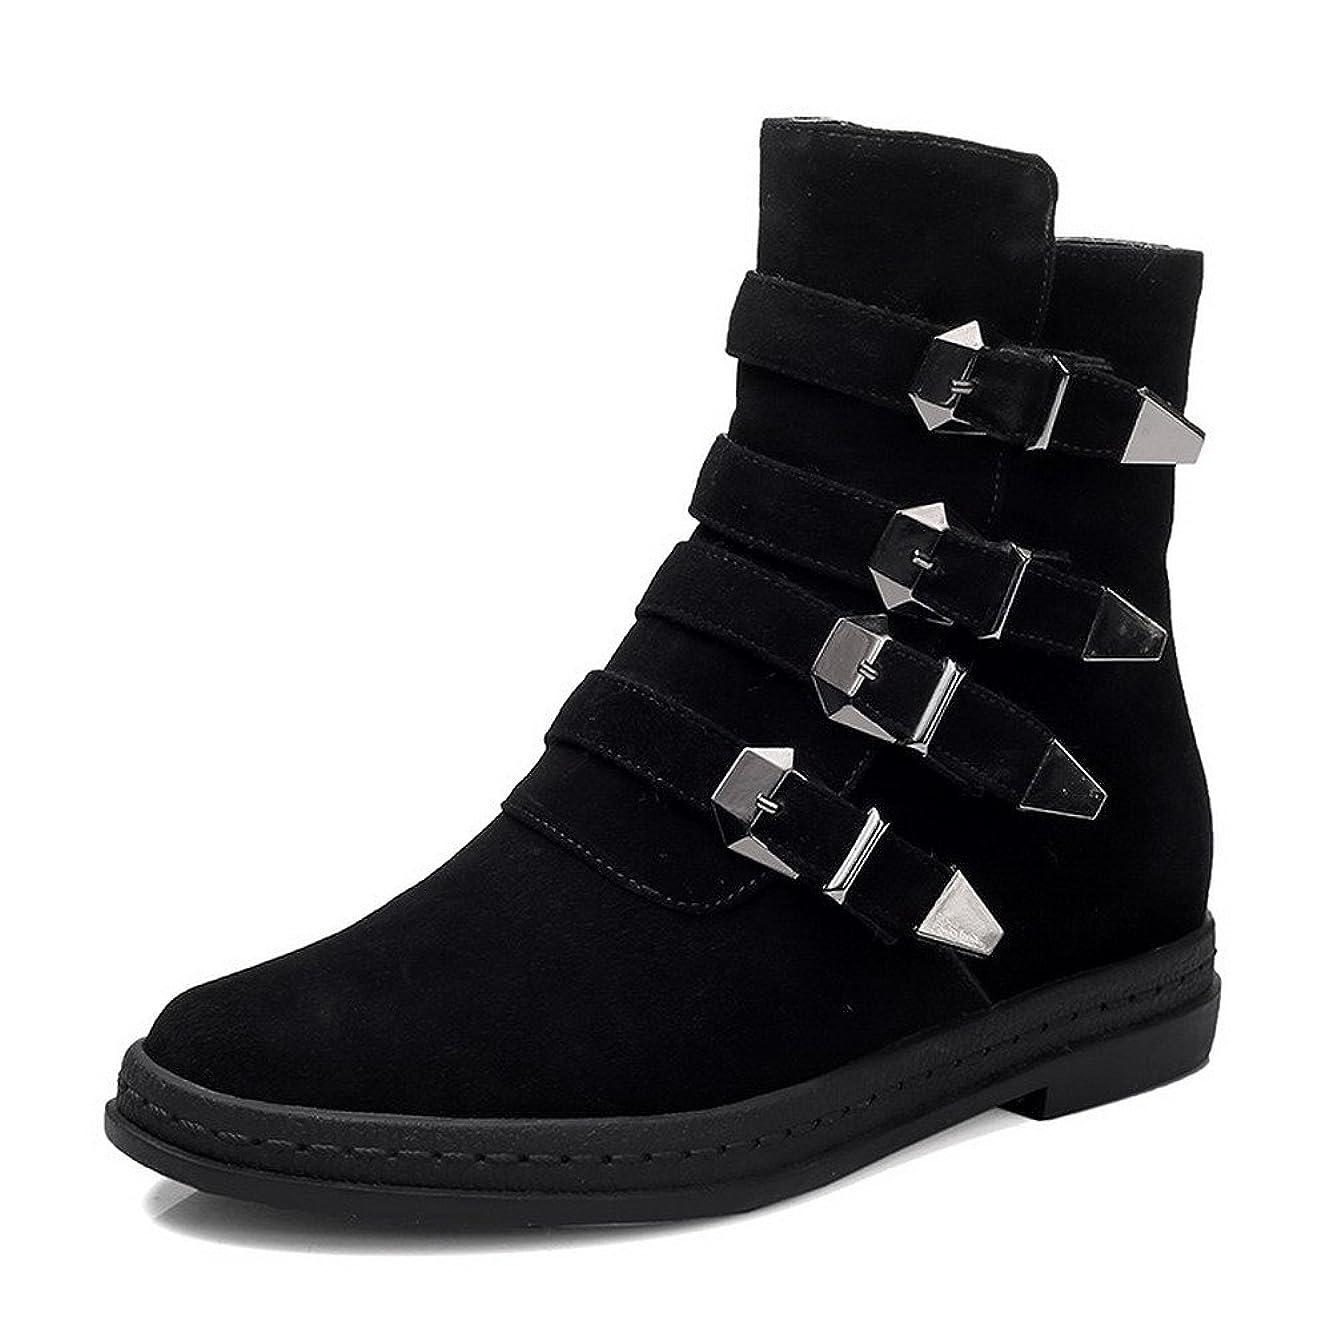 侵入合理的もし(ウンファッション) WeenFashion 女性用 ラウンドトゥ 短靴 ミシンで縫い糸 24.5cm 黒い